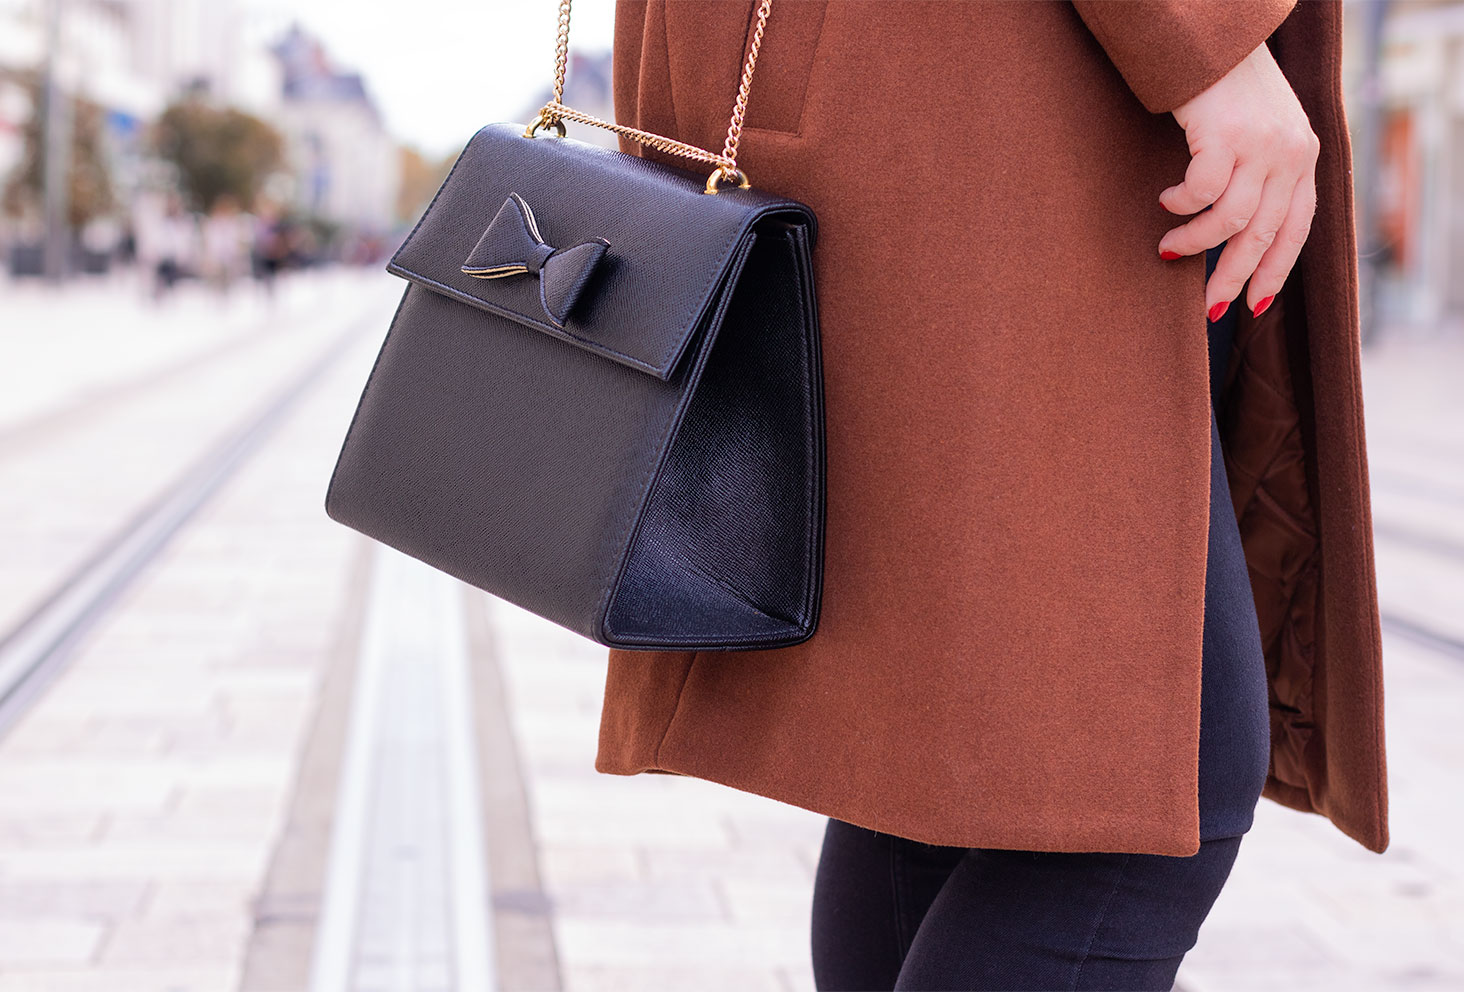 Zoom sur le sac noir rigide avec un noeud sur le dessus, porté avec un manteau marron